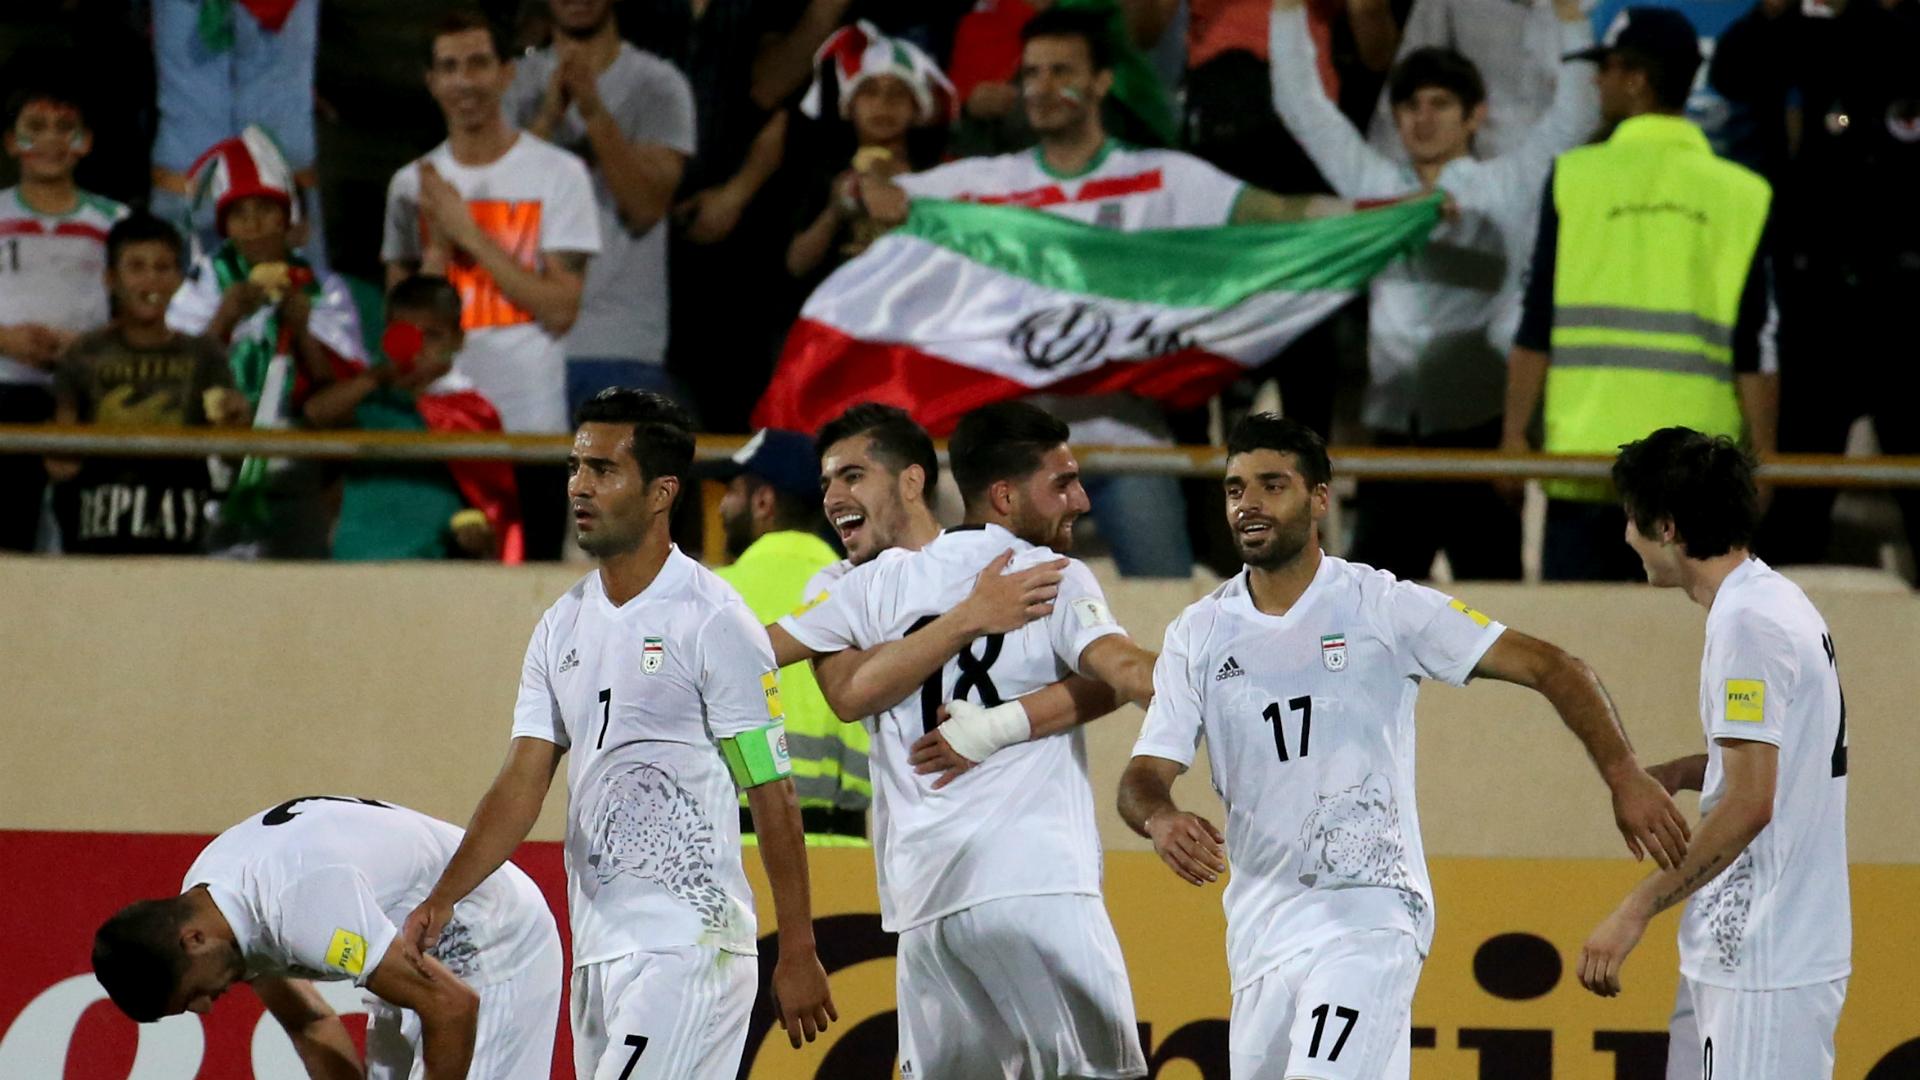 Irán, tercer equipo en alcanzar el cupo directo a Rusia 2018